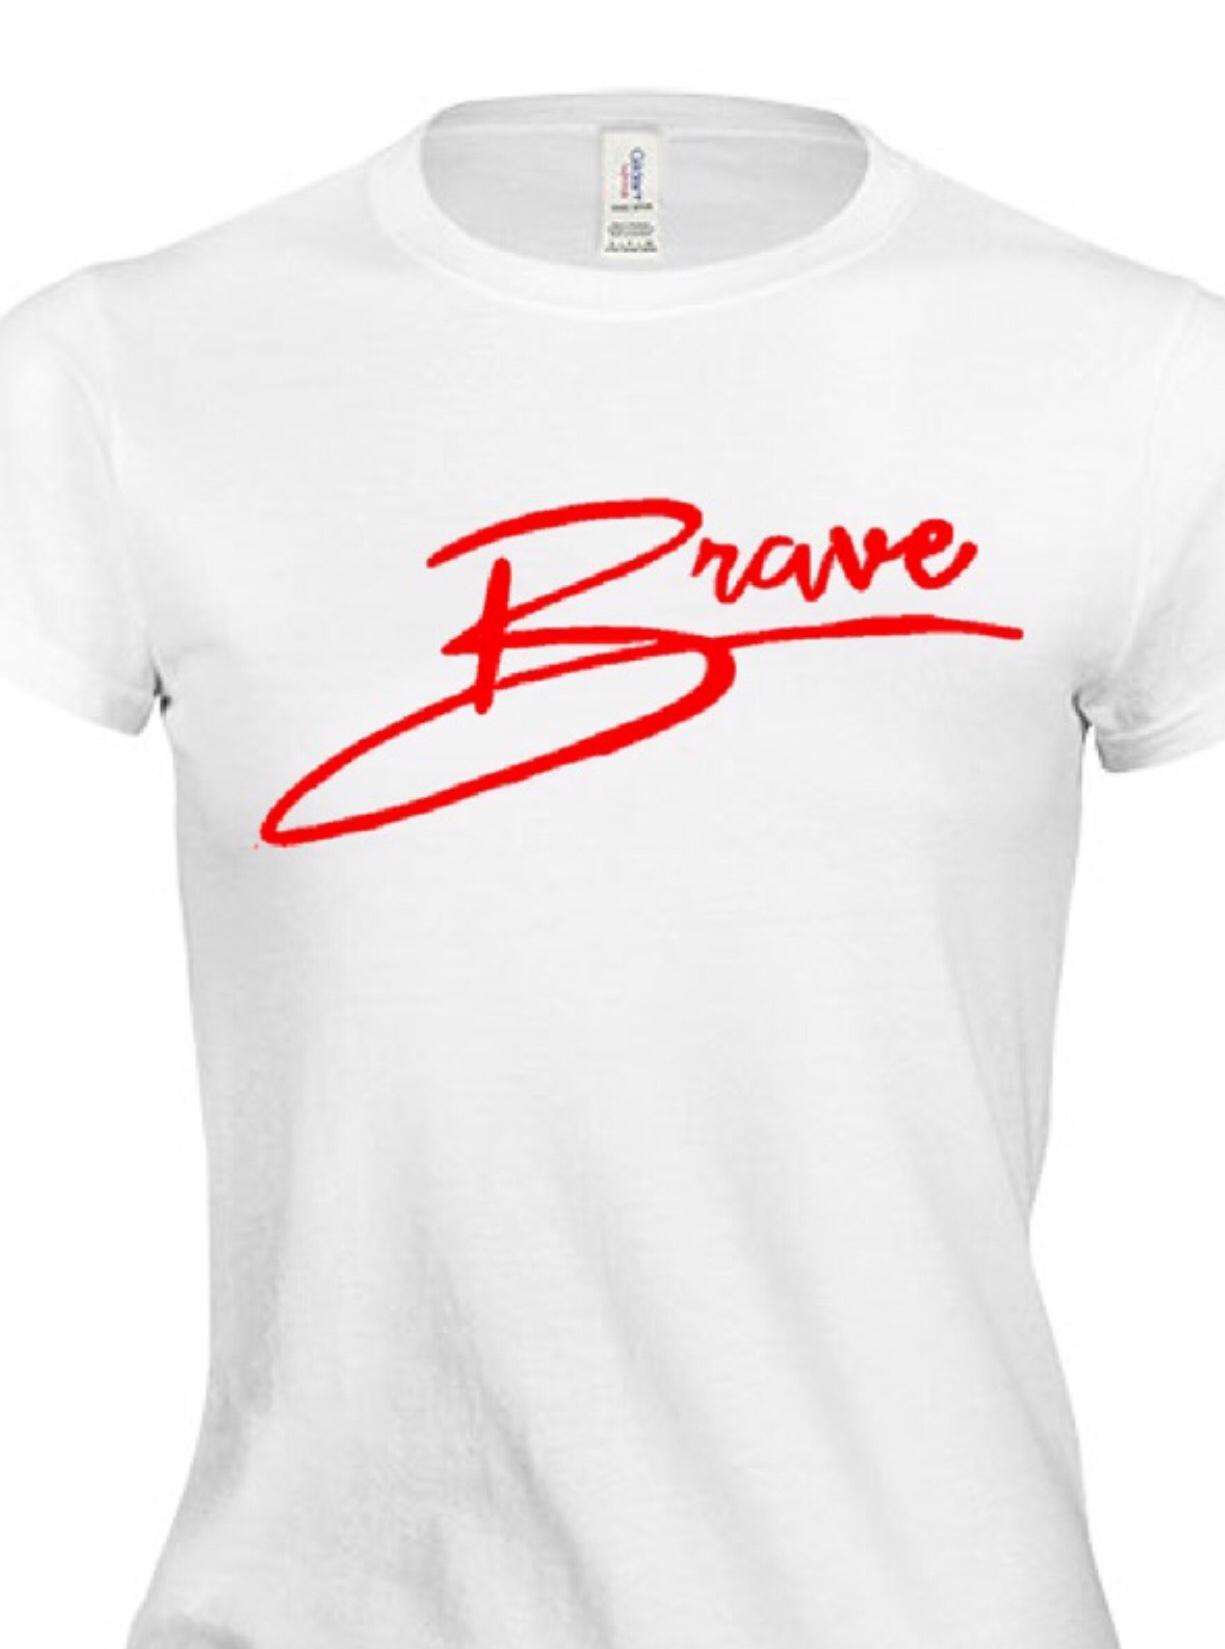 BRAVE T-SHIRT - (RED, BLACK, BLUE & PINK)$20